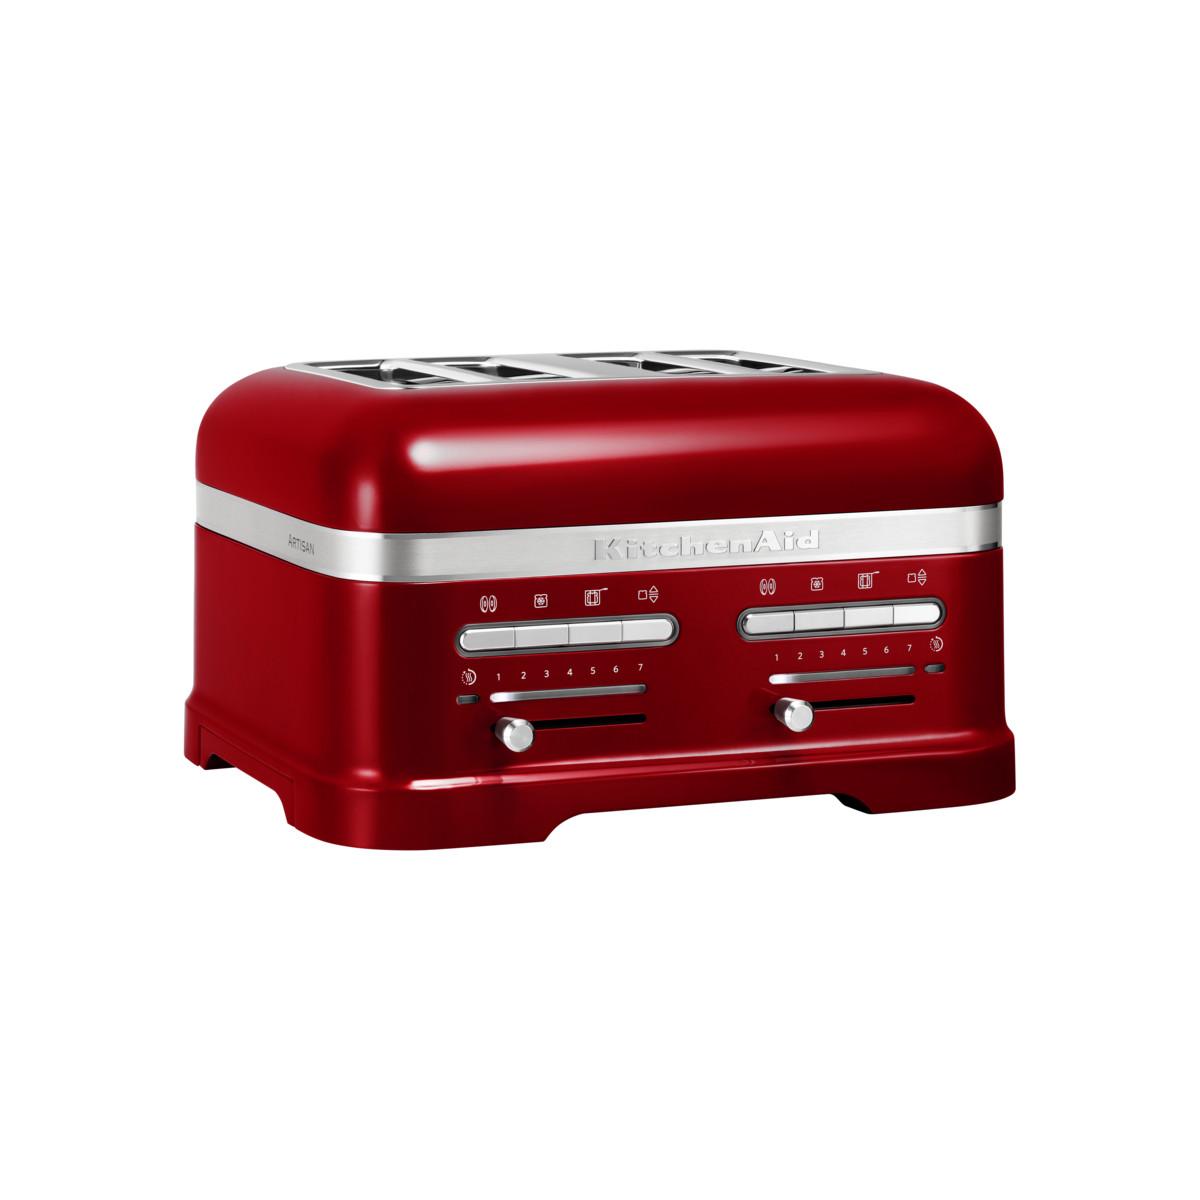 Toustovač Artisan 5KMT4205, KitchenAid Barva: královská červená +Příslušenství v hodnotě 1580,-Kč